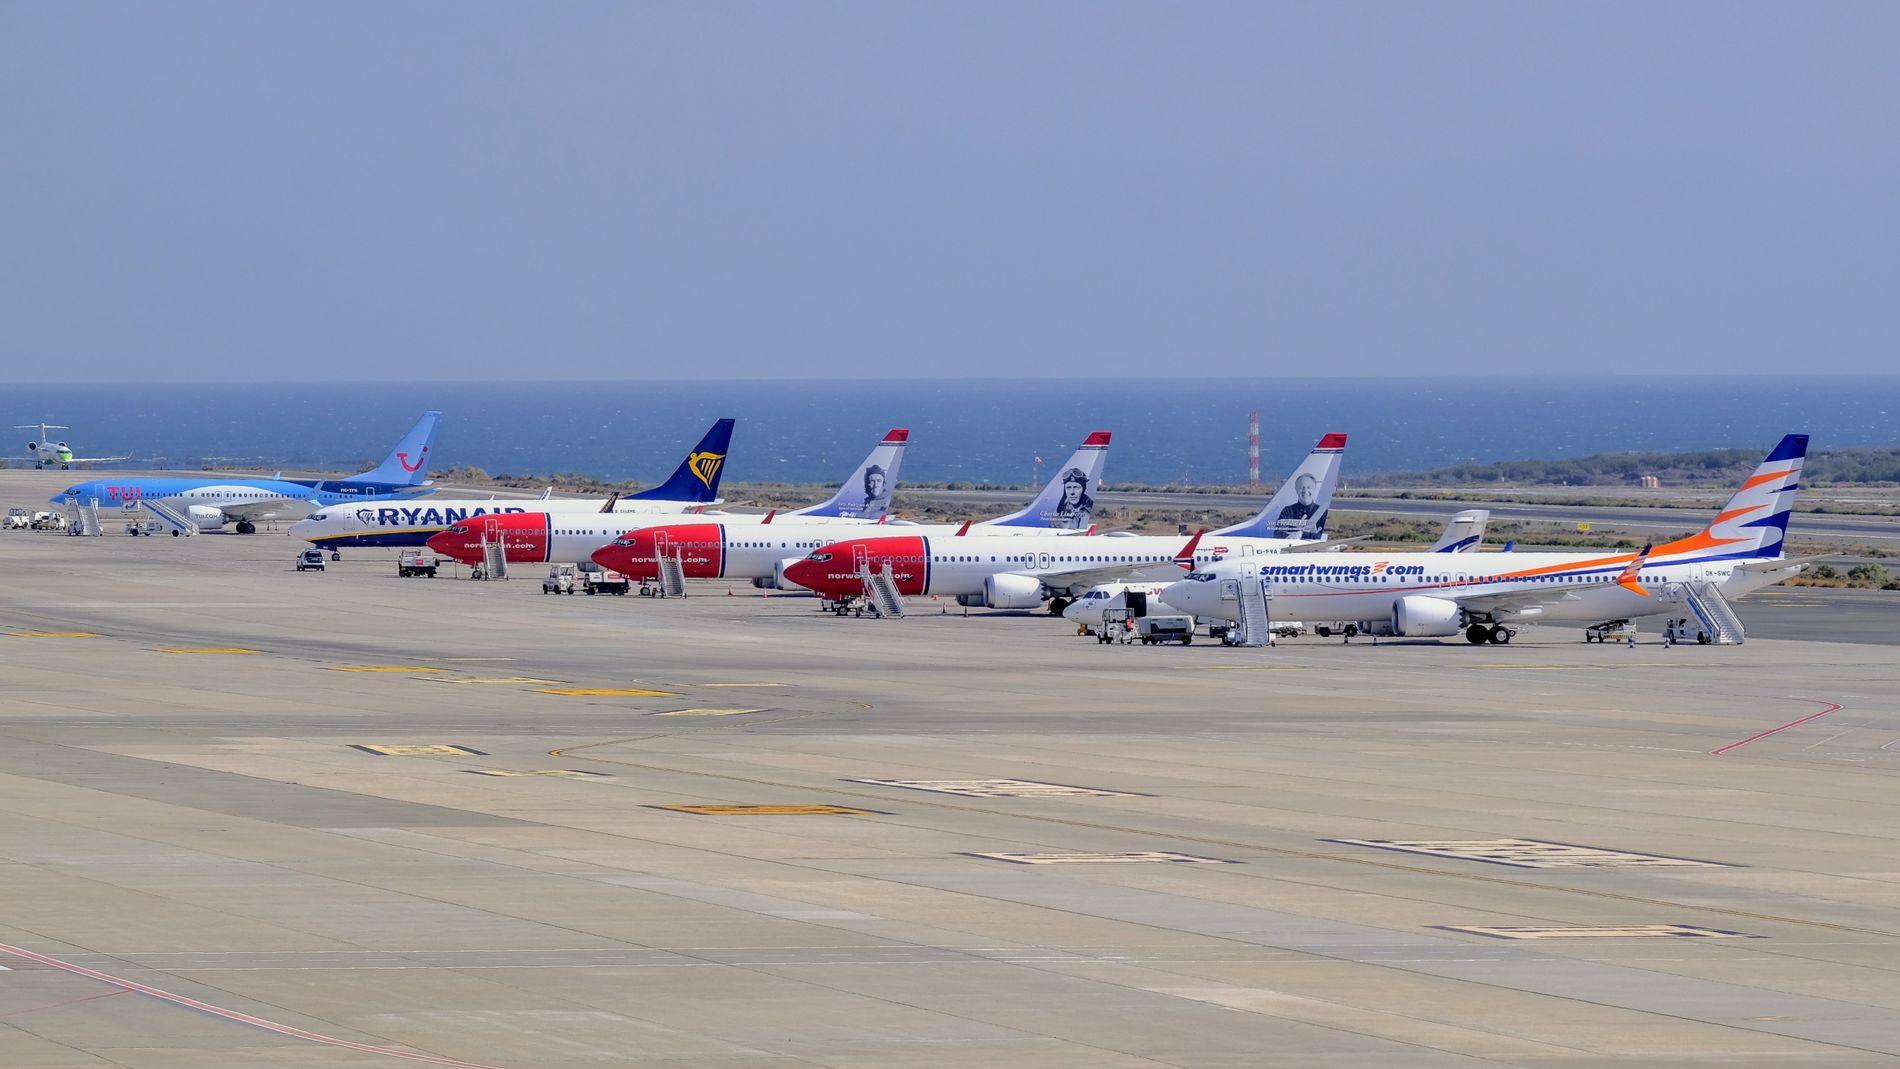 SATT PÅ BAKKEN: Fem Boeing 737 Max-fly tilhørende SmartWings, Norwegian og TUI er avbildet på flyplassen på Gran Canaria etter at de ble satt på bakken. Innimellom står et av Ryanairs 737–800 som fortsatt er i trafikk.